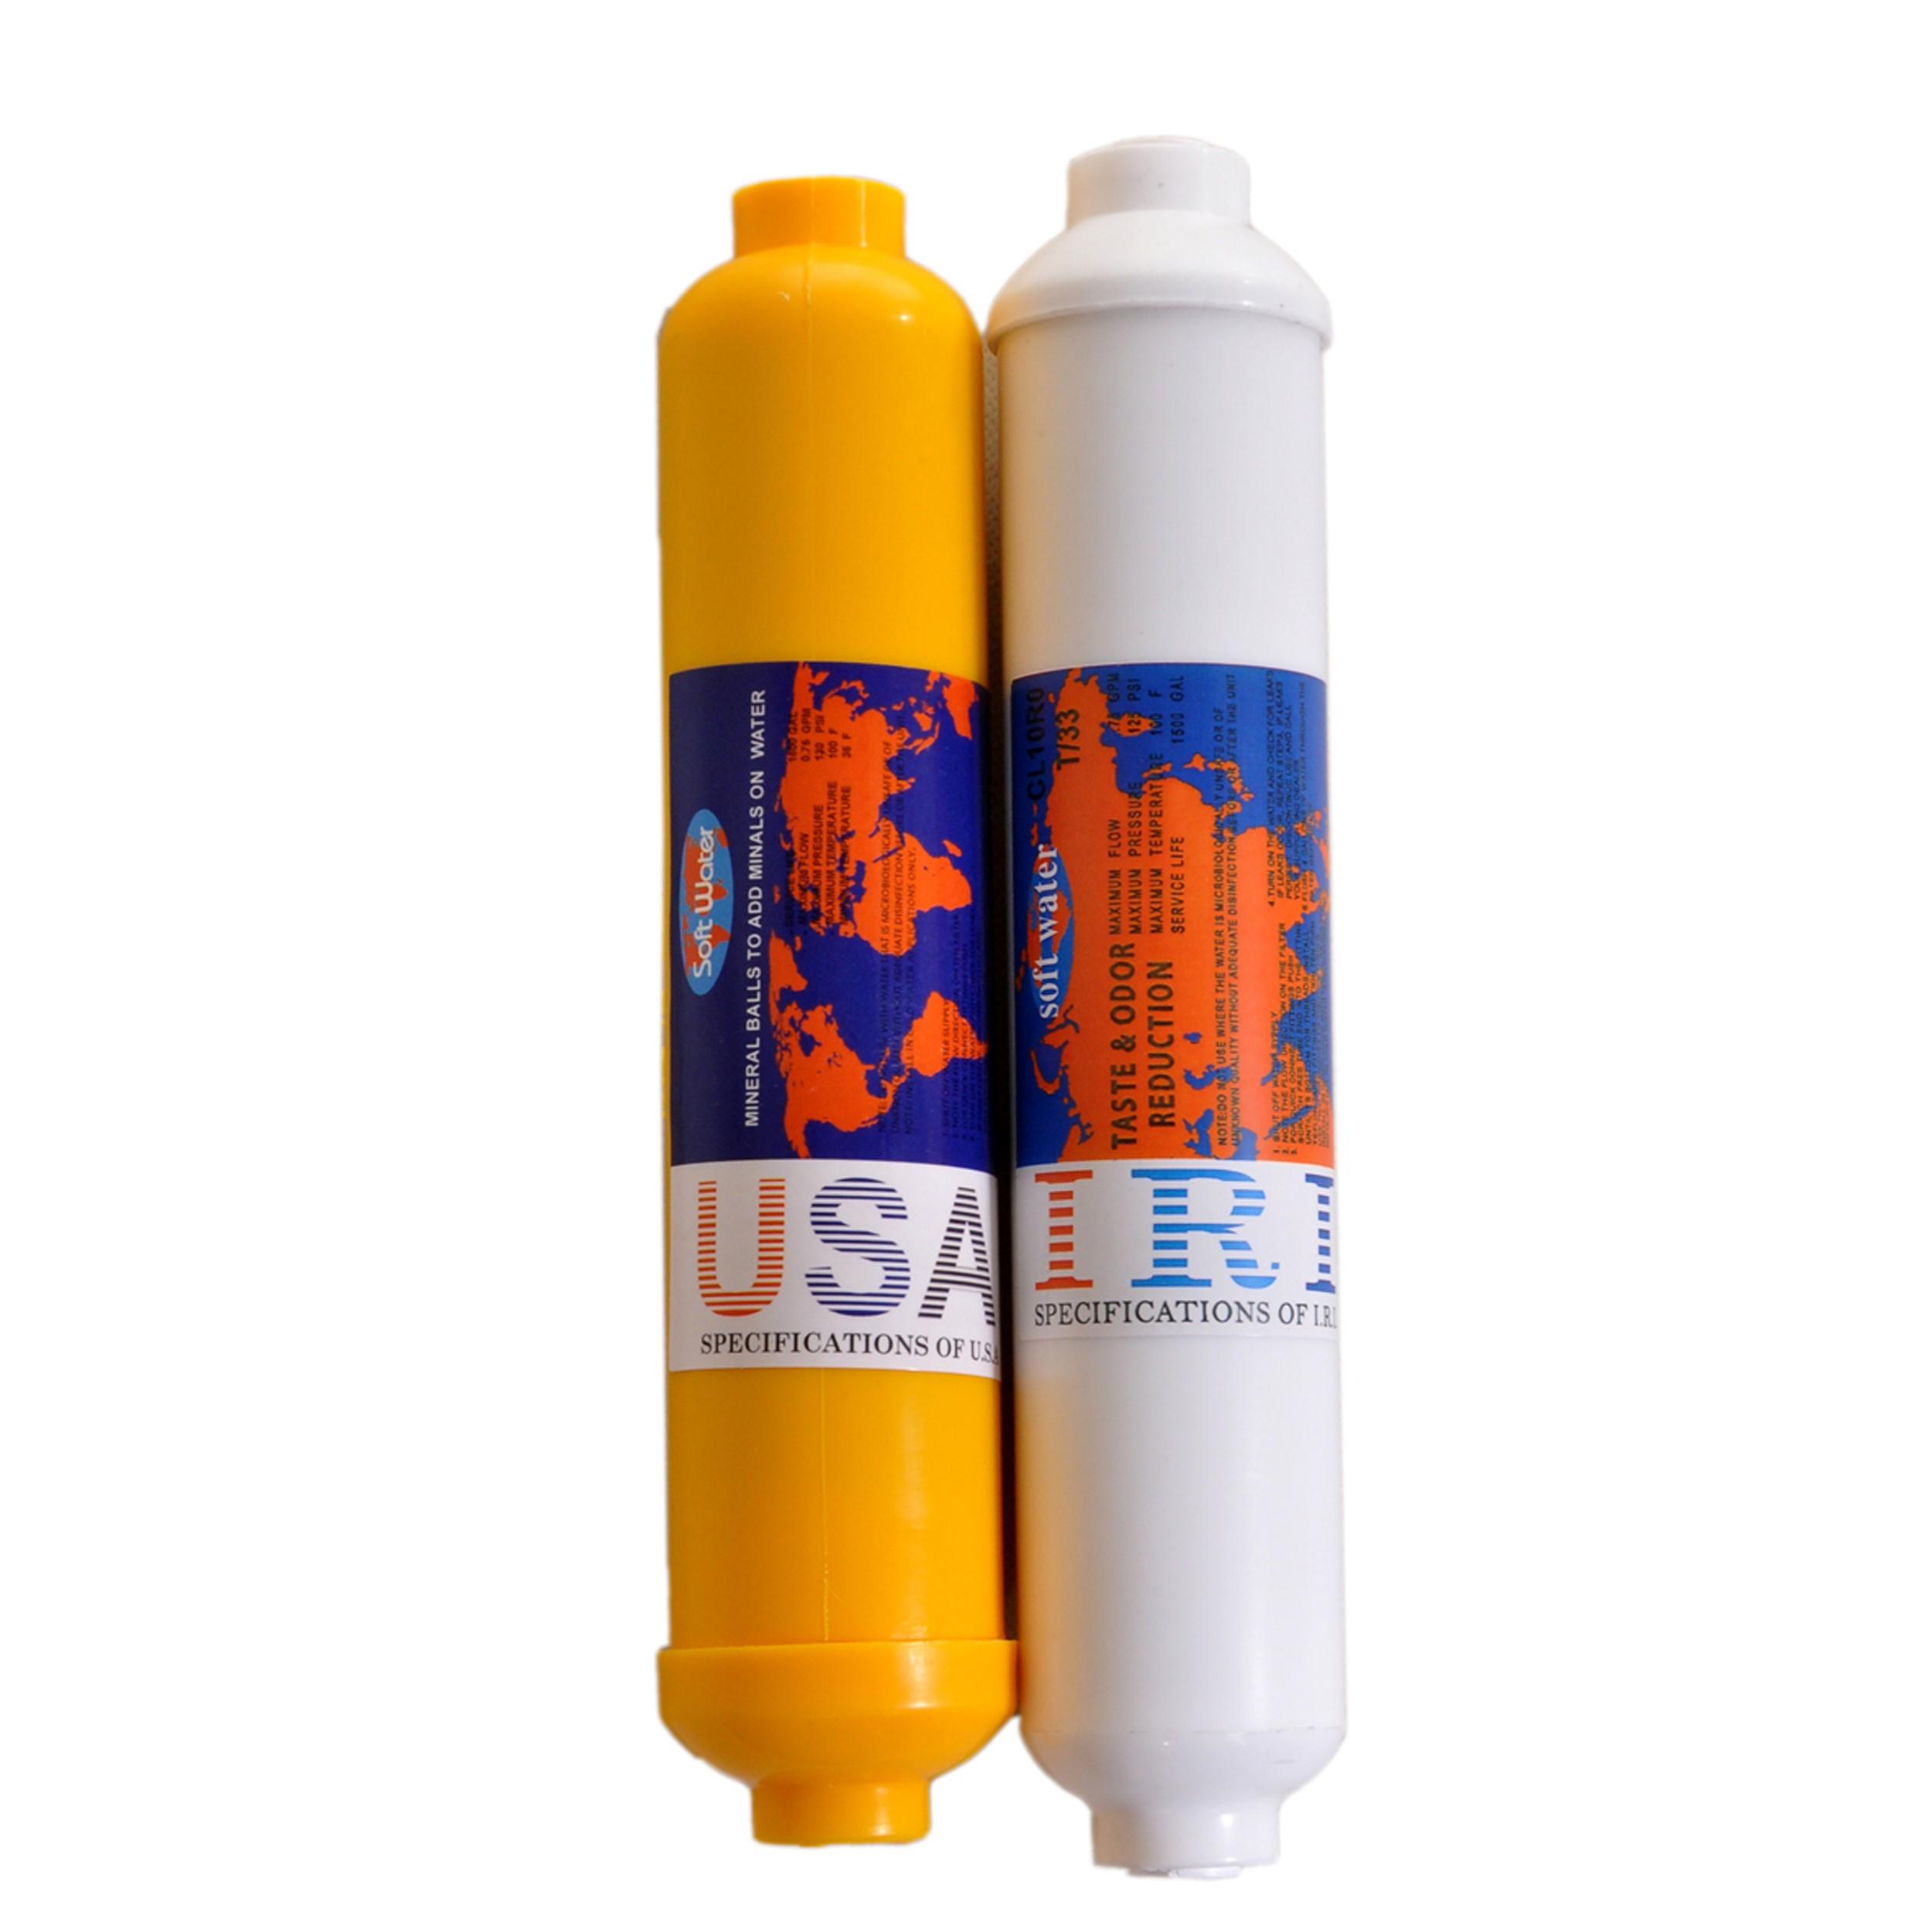 فیلتر دستگاه تصفیه کننده آب سافت واتر مدل Postcarbon-Mineral56 مجموعه 2 عددی